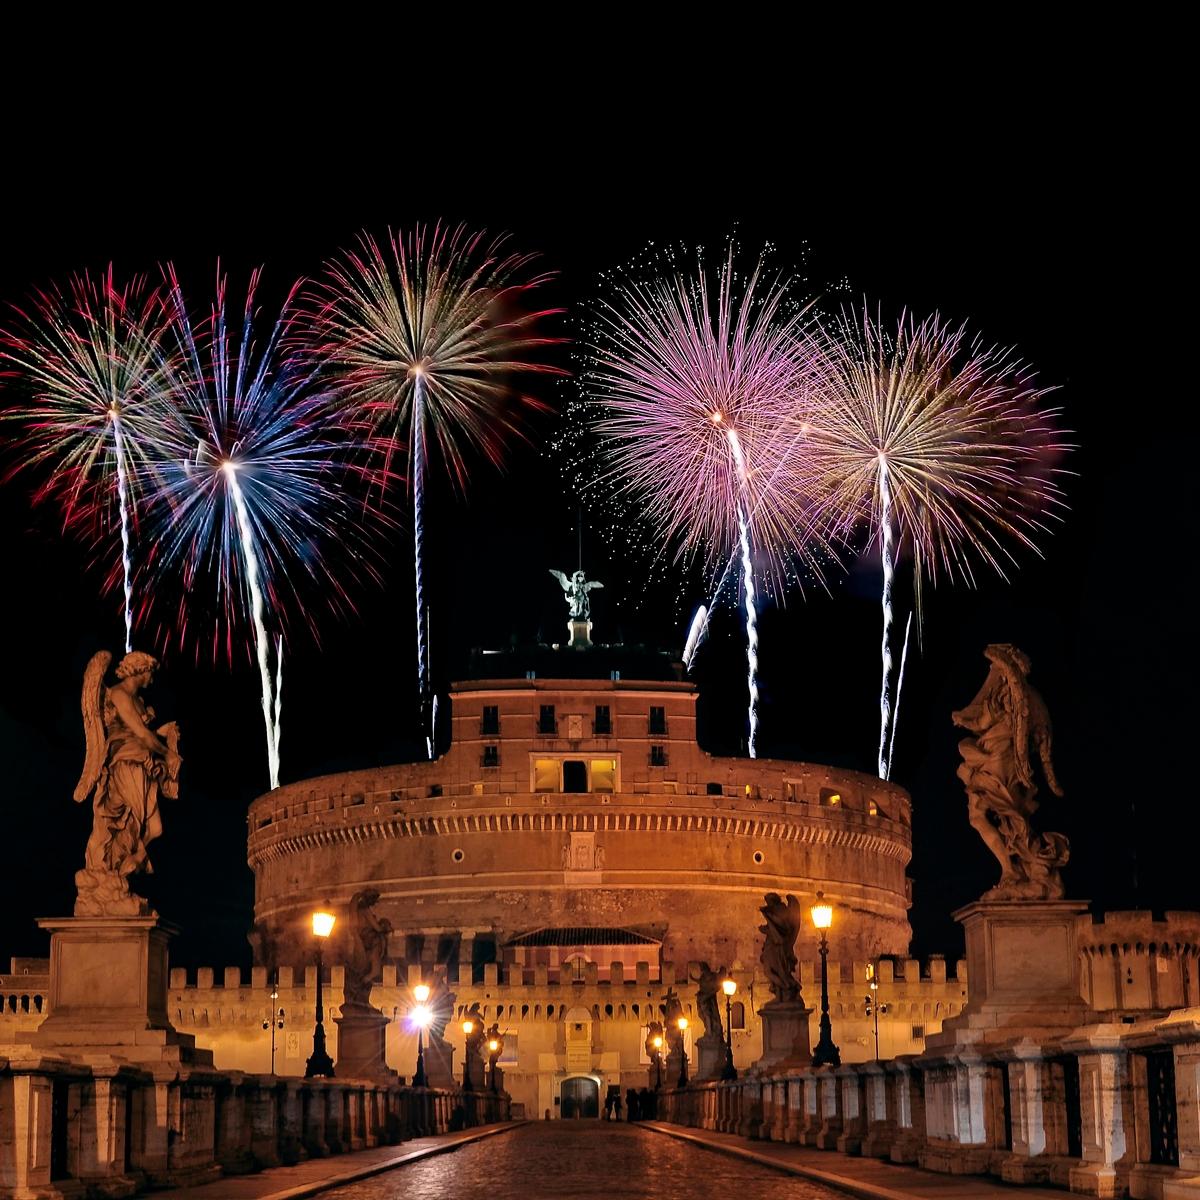 Πυροτεχνήματα την Πρωτοχρονιά στη Ρώμη